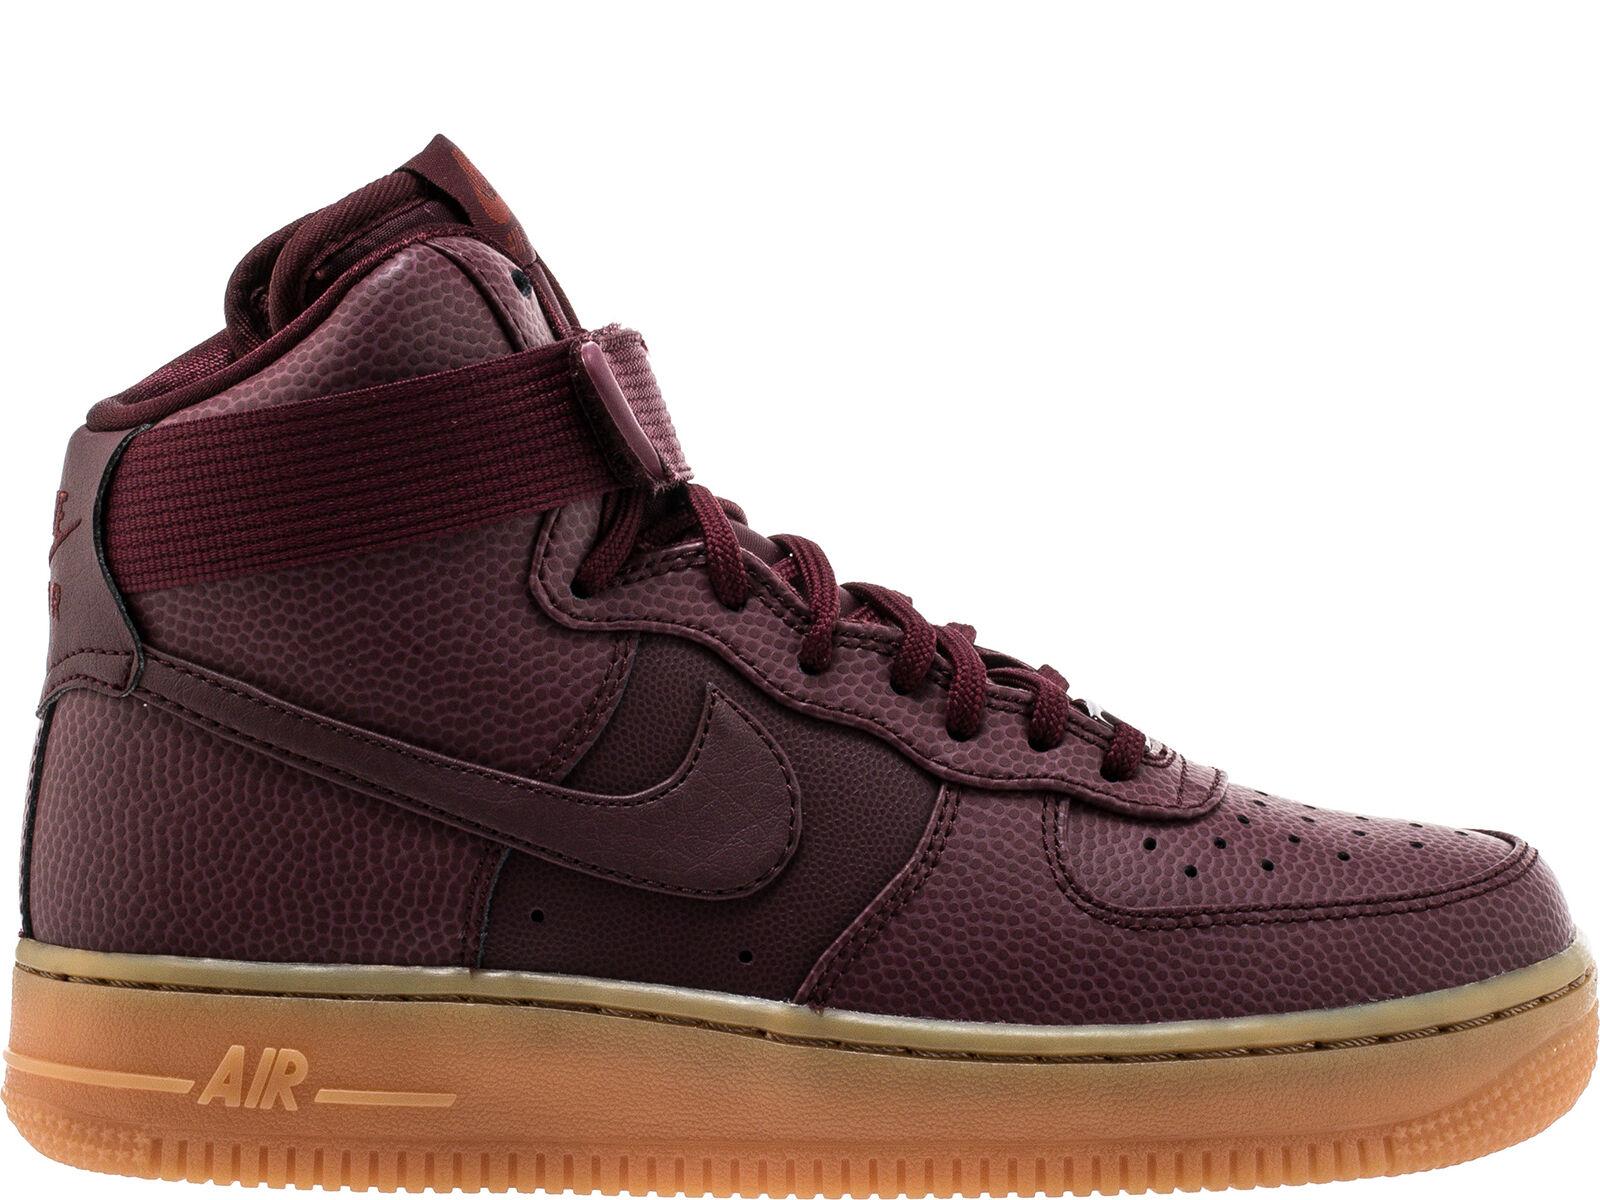 Femmes Tout Nouveau Nike Air Force 1 Haut Design Spécial Era Baskets [860544